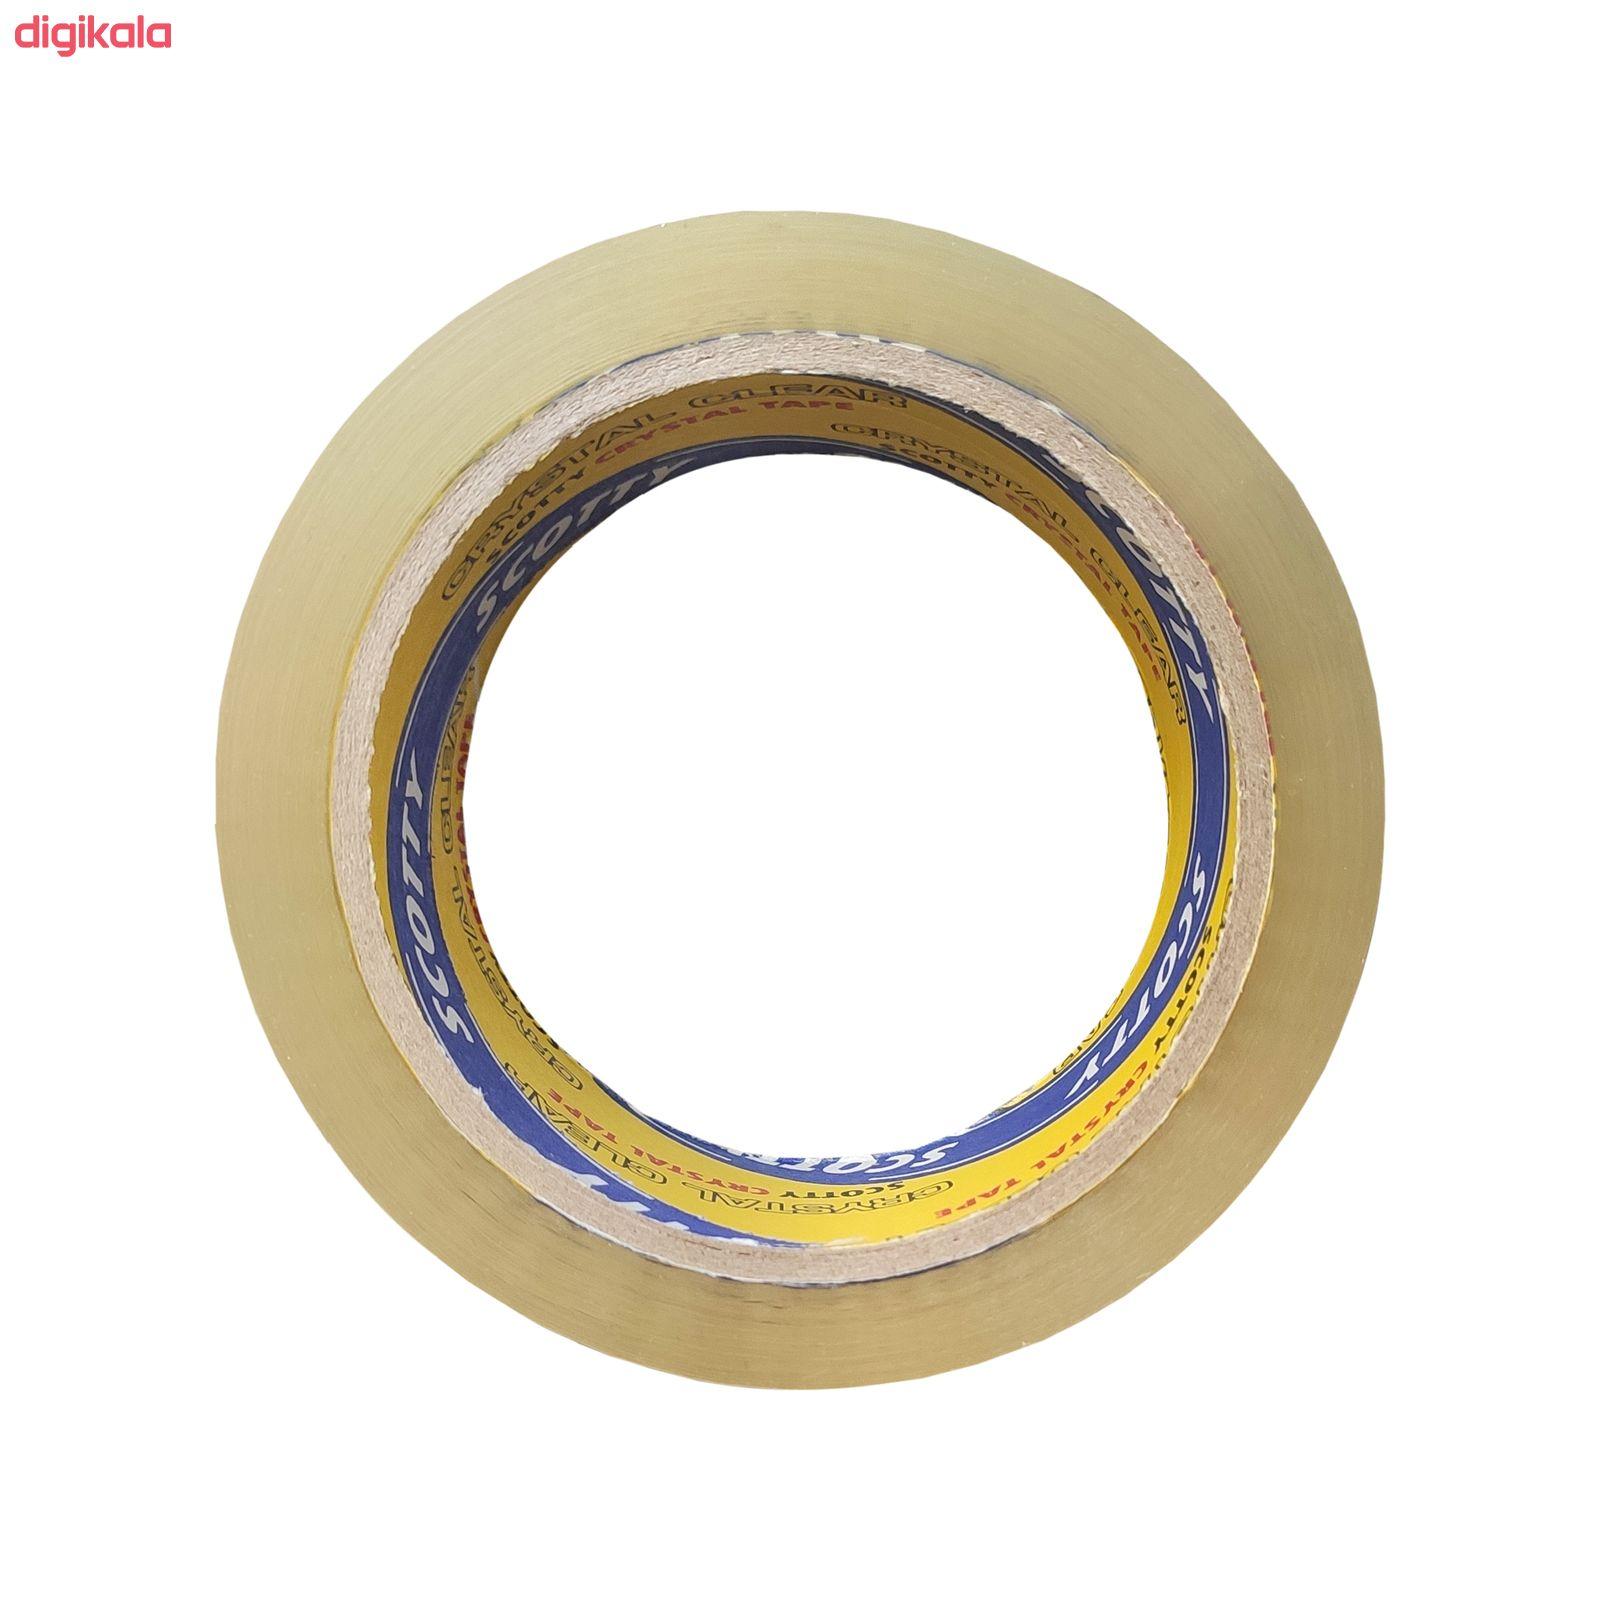 نوار چسب کریستال اسکاتی کد 40MIC عرض 5 سانتی متر بسته 6 عددی main 1 3